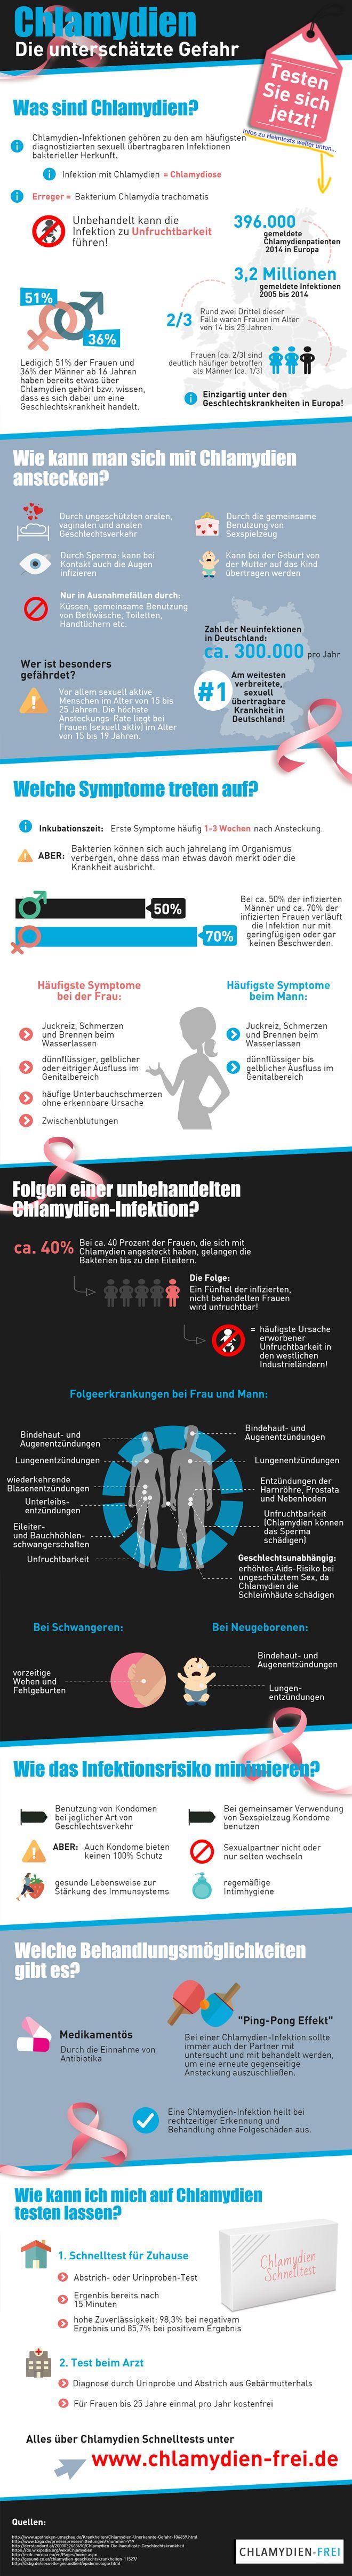 In dieser Infografik geht es rund um Chlamydien. Wie kann man sich anstecken? Wie kann man sich auf Chlamydien testen? Ein Schnelltest für zuhause möglich? Wie kann man Chlamydien behandeln? Auf all diese Fragen gibt dir diese Infografik detaillierte Antworten. Teile diese Grafik in den Foren, wenn du möchtest!   Und hier geht es direkt zu den Chlamydien Tests: http://chlamydien-frei.de/schnelltest-mann-kosten/